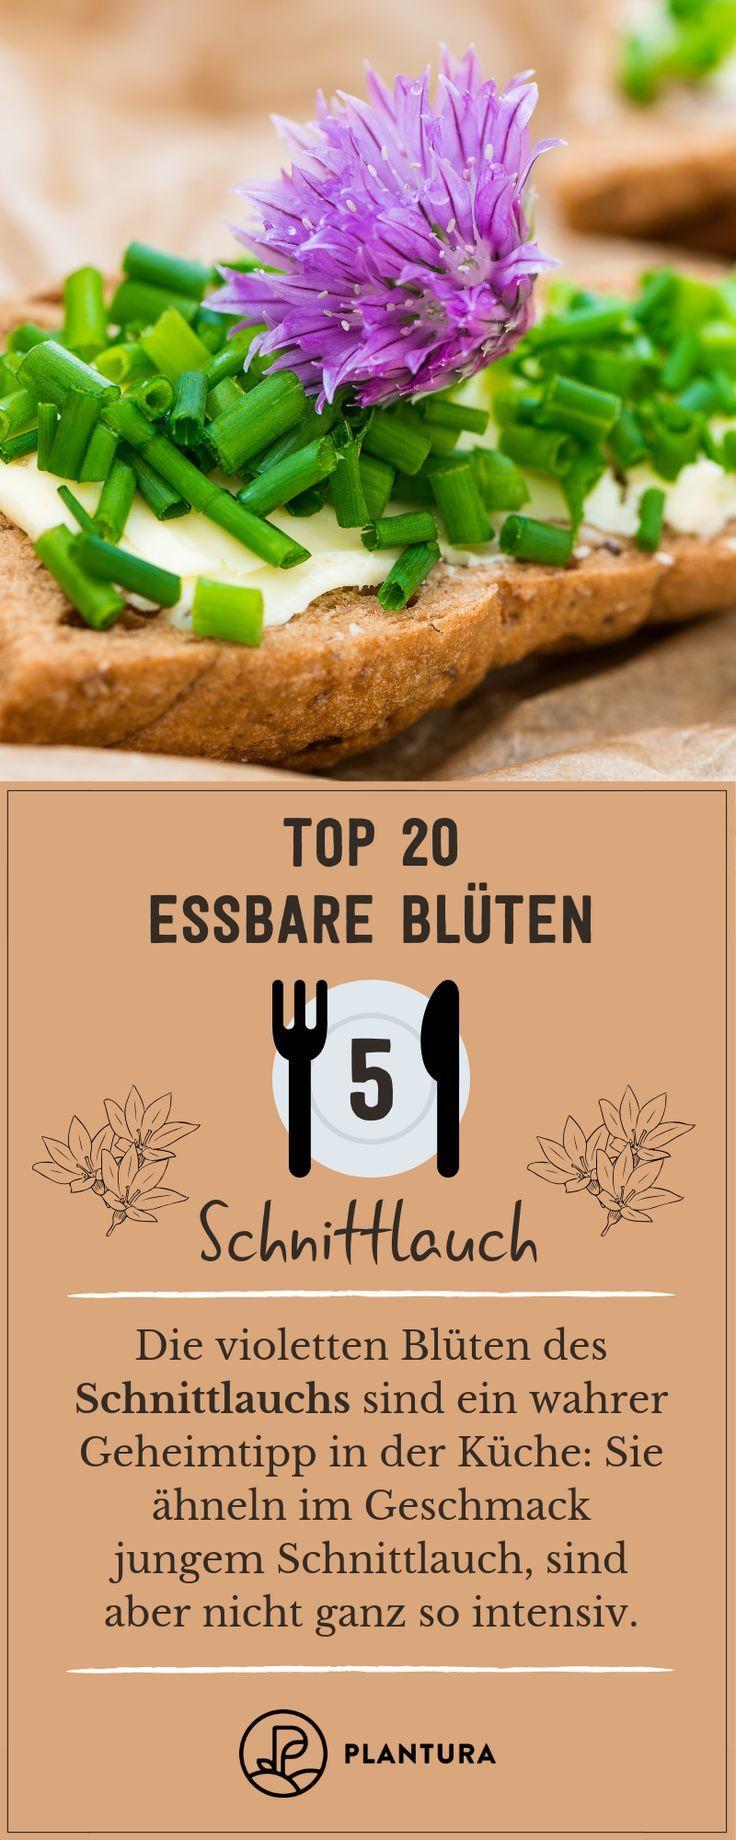 Essbare Blüten: Unsere Top 20 für Ihren Teller